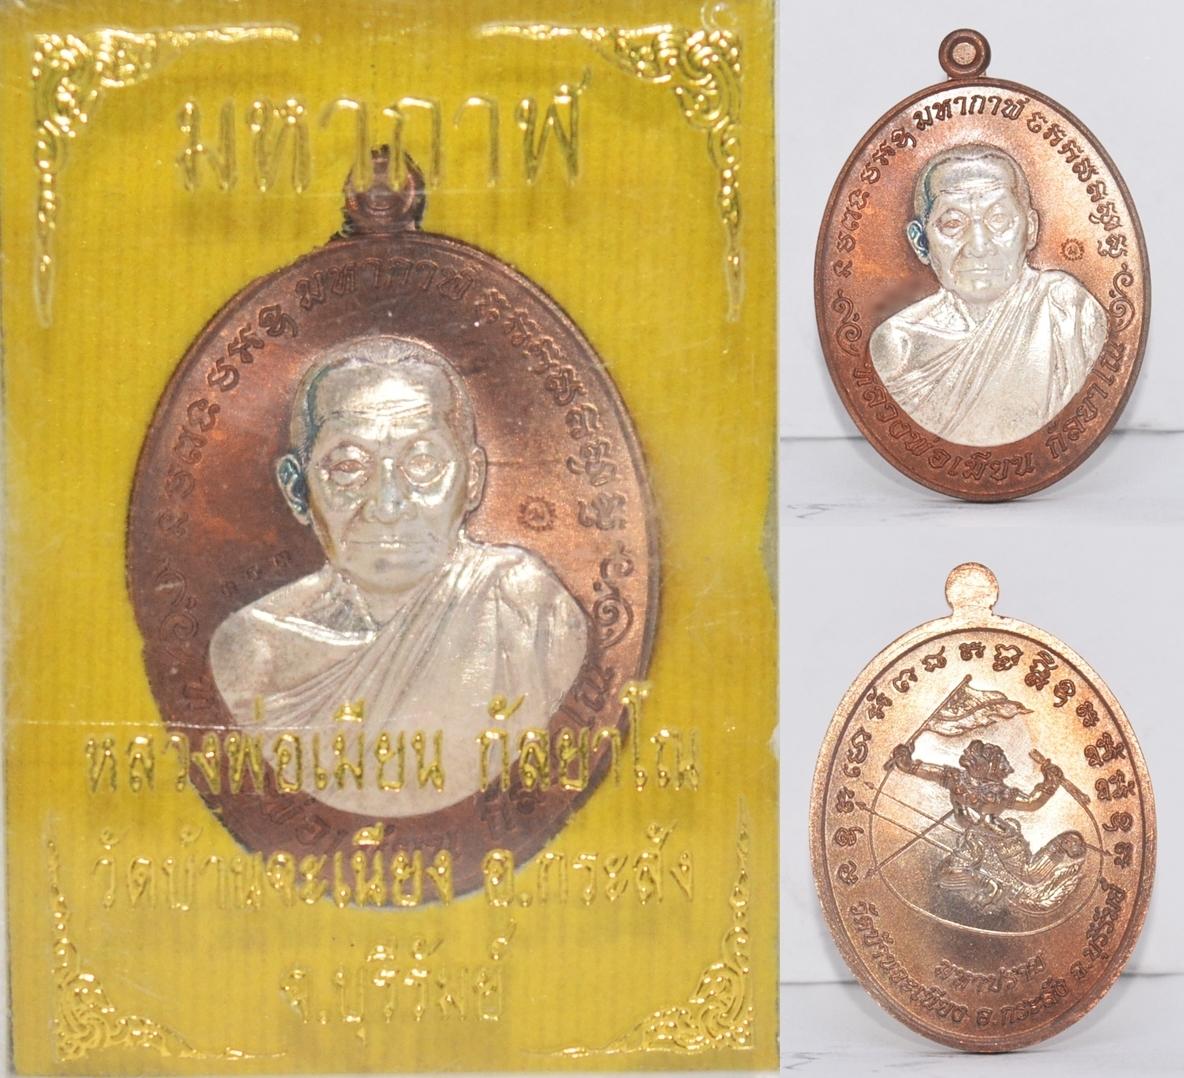 เหรียญ เนื้อนวะหน้าเงิน รุ่นมหากาฬ หลวงพ่อเมียน วัดบ้านจะเนียง 2557